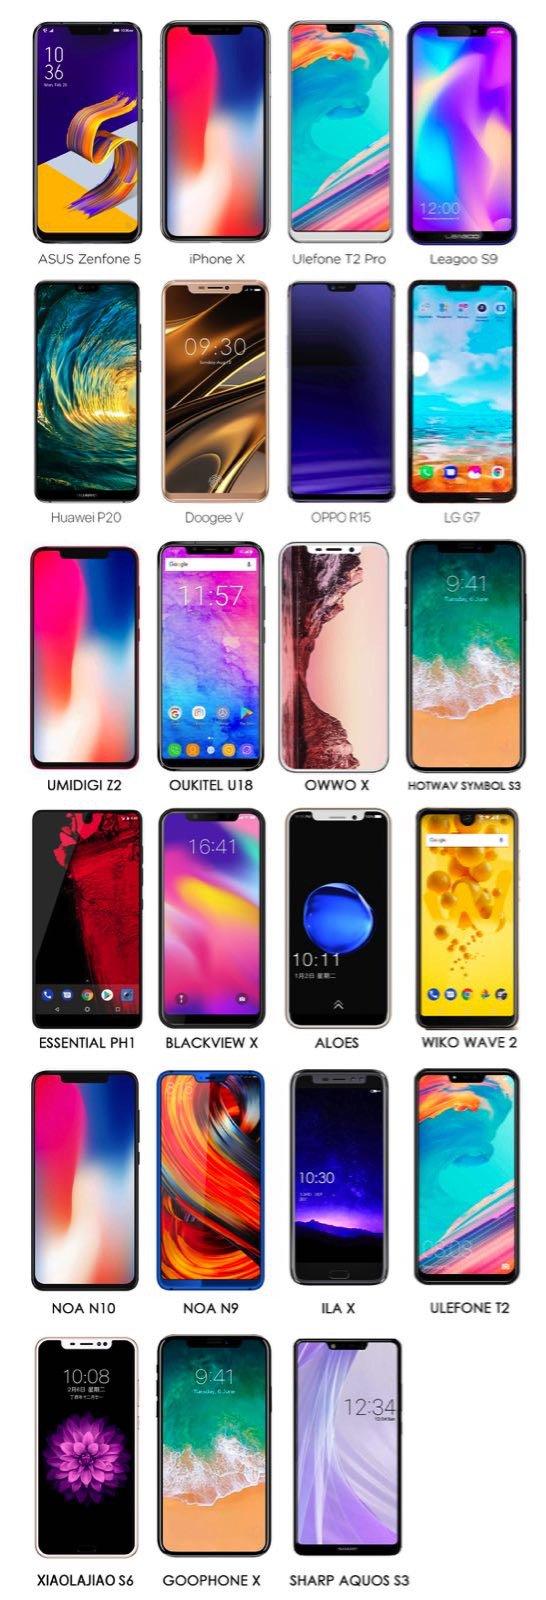 iphone x clone penibile